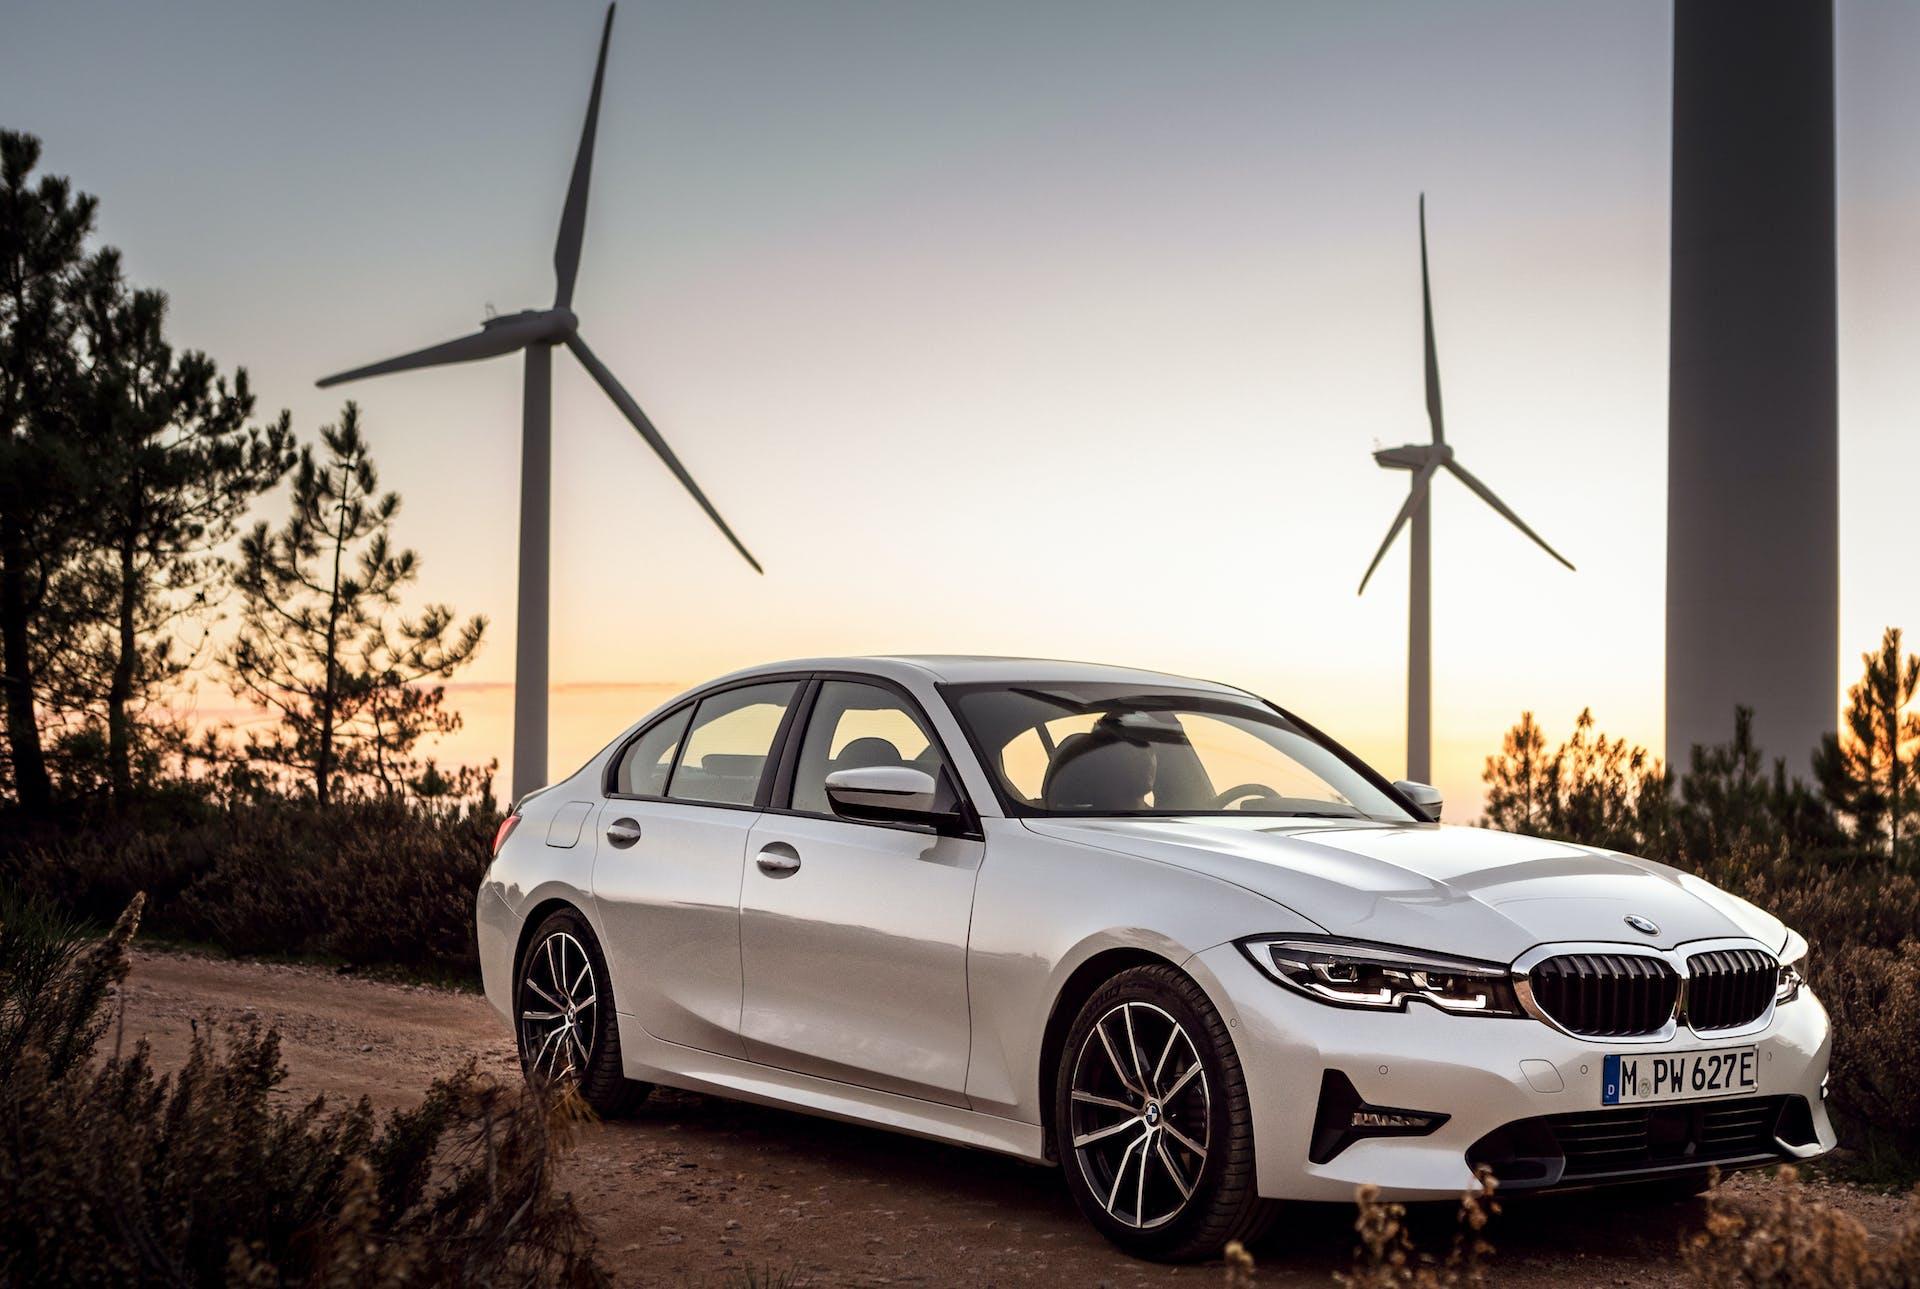 nuova BMW 330e pale eoliche